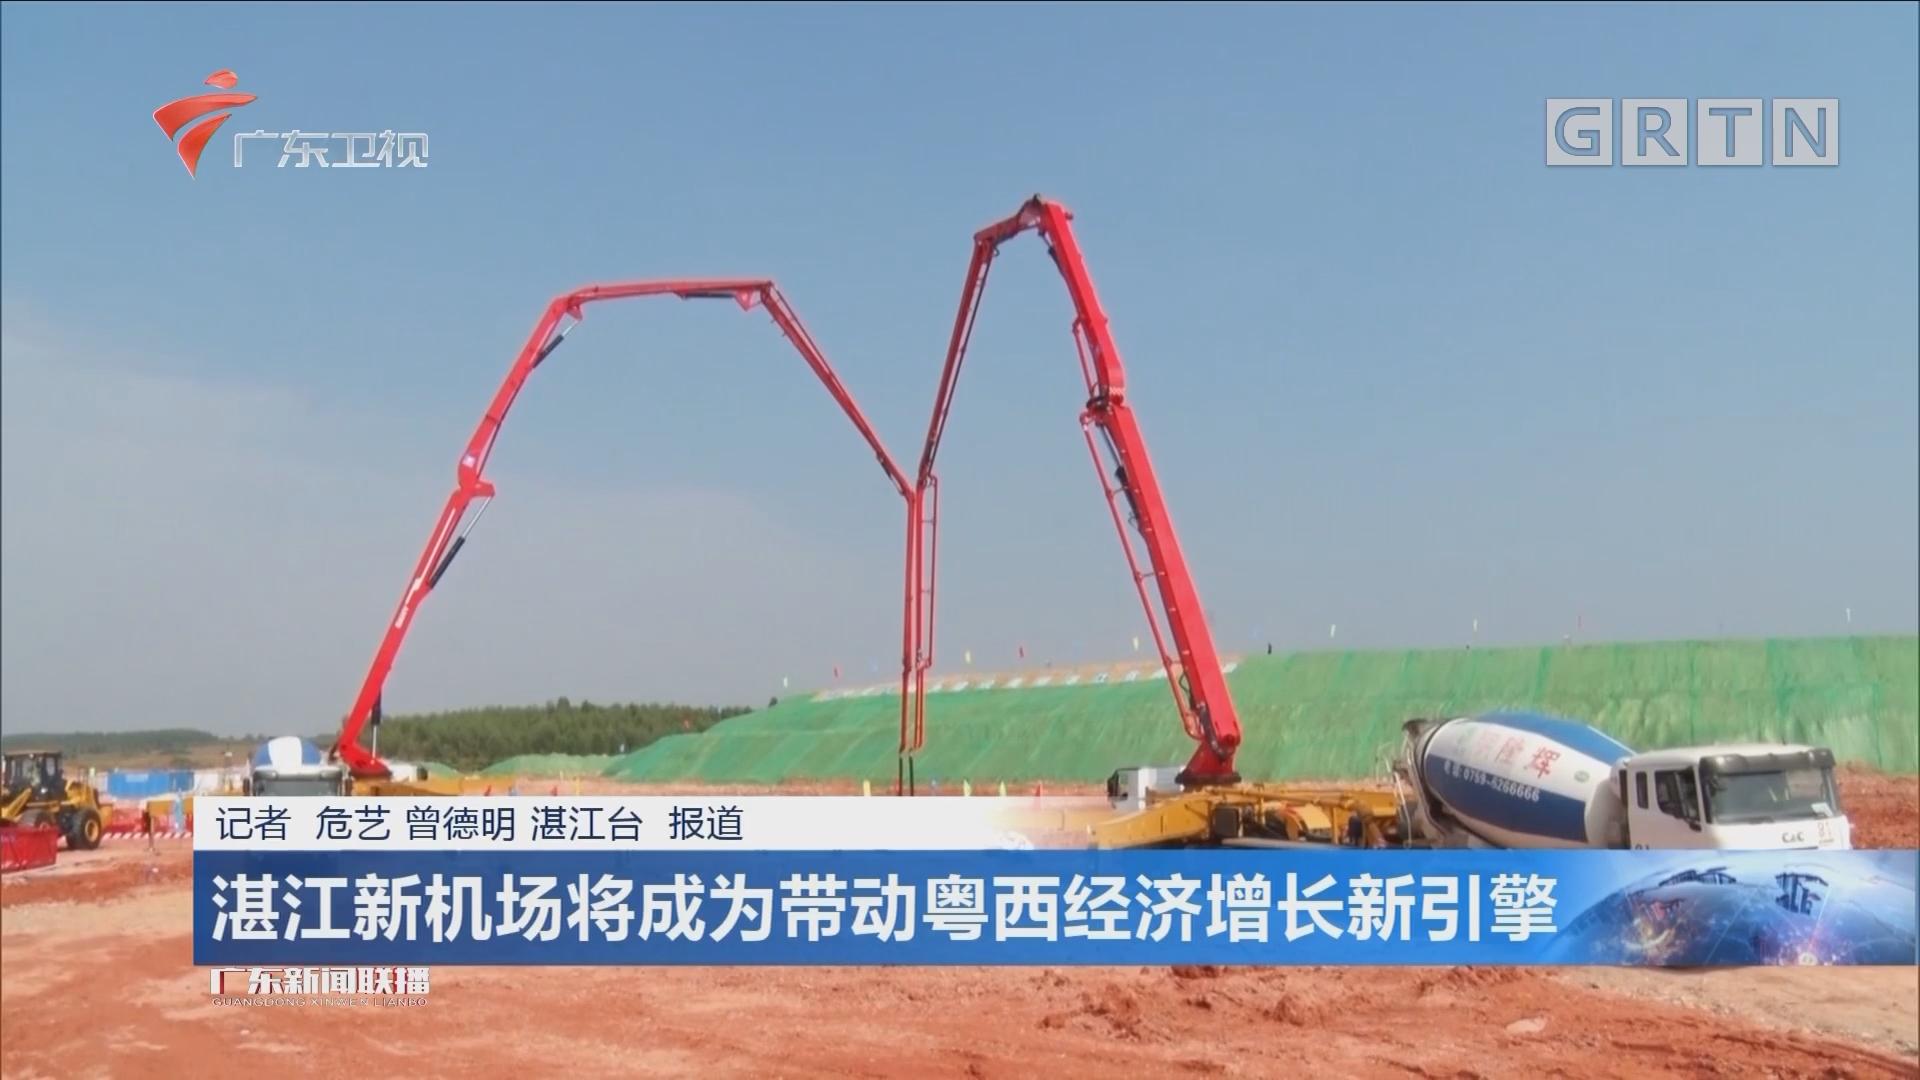 湛江新机场将成为带动粤西经济增长新引擎